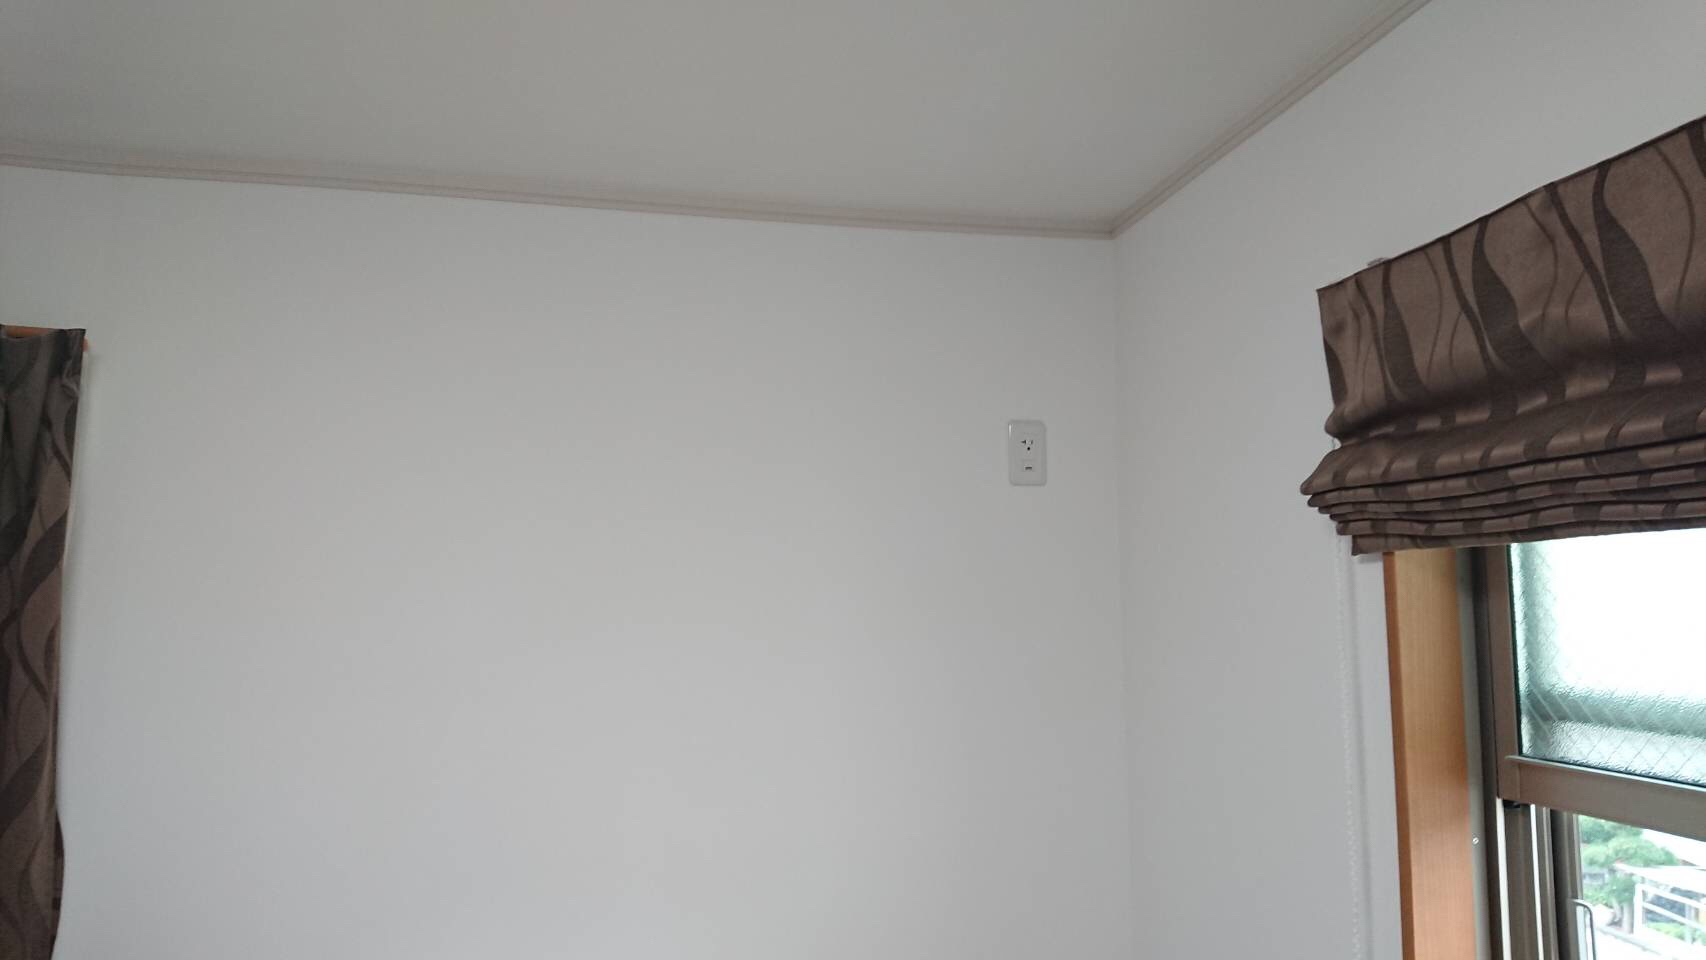 寝屋川市I様邸のエアコン・内装造作・漆喰左官工事